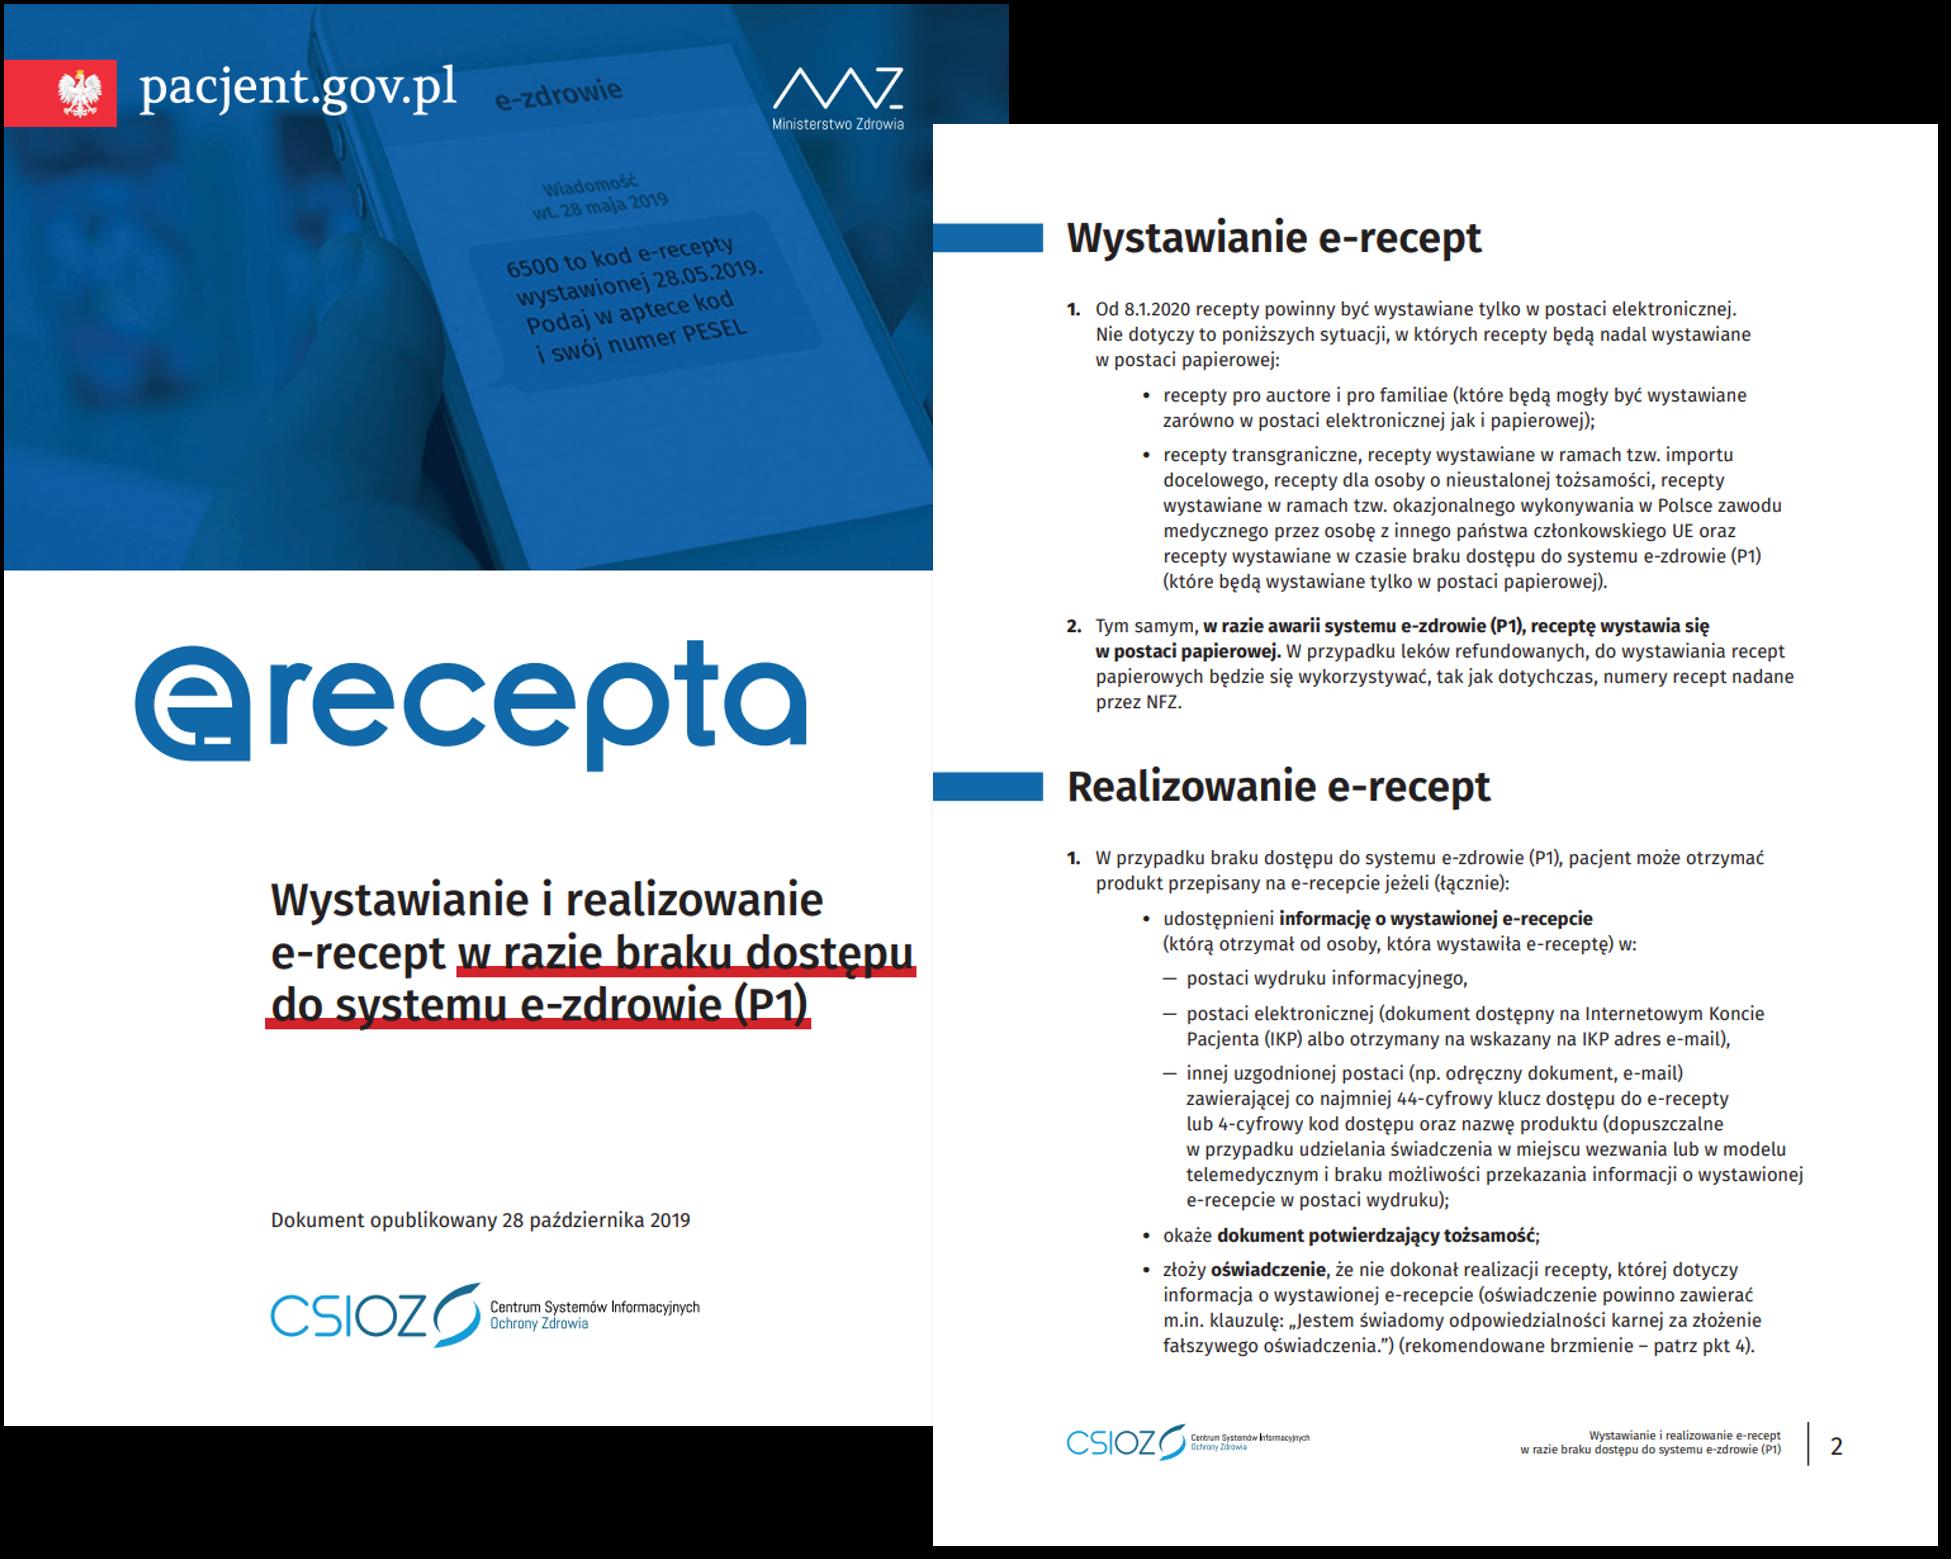 Wystawianie irealizowanie e-recept wrazie braku dostępu dosystemu e-zdrowie (P1)